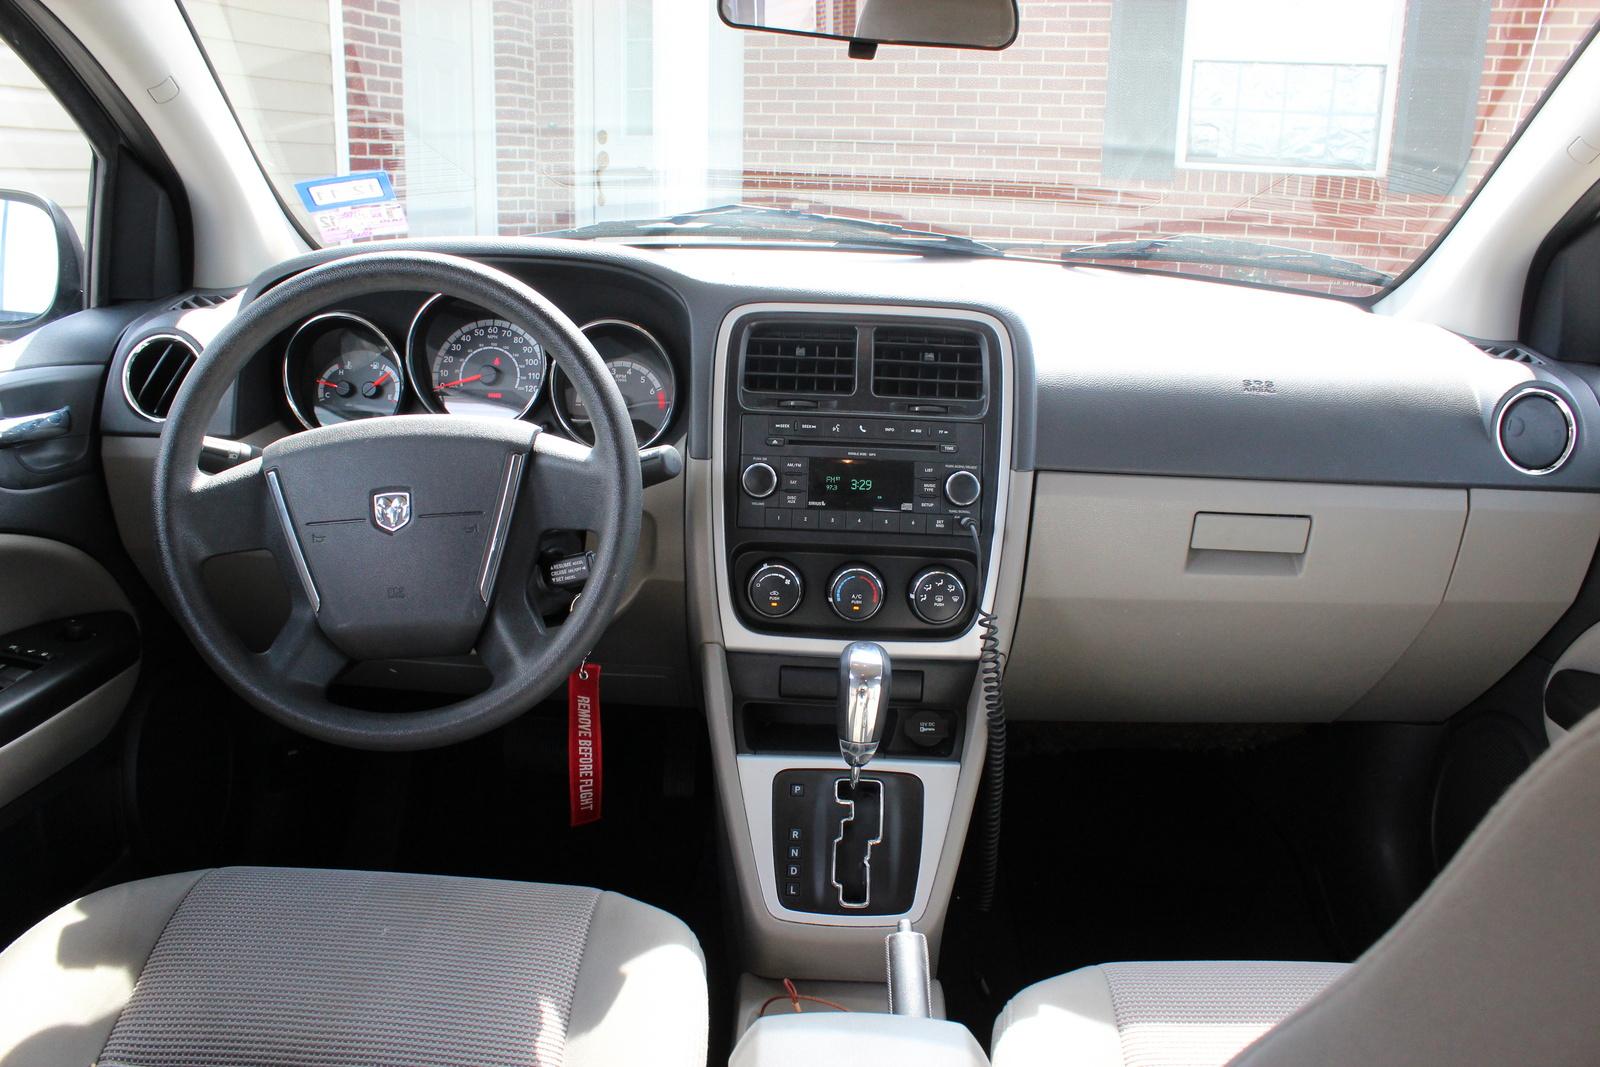 2010 Dodge Caliber Pictures Cargurus